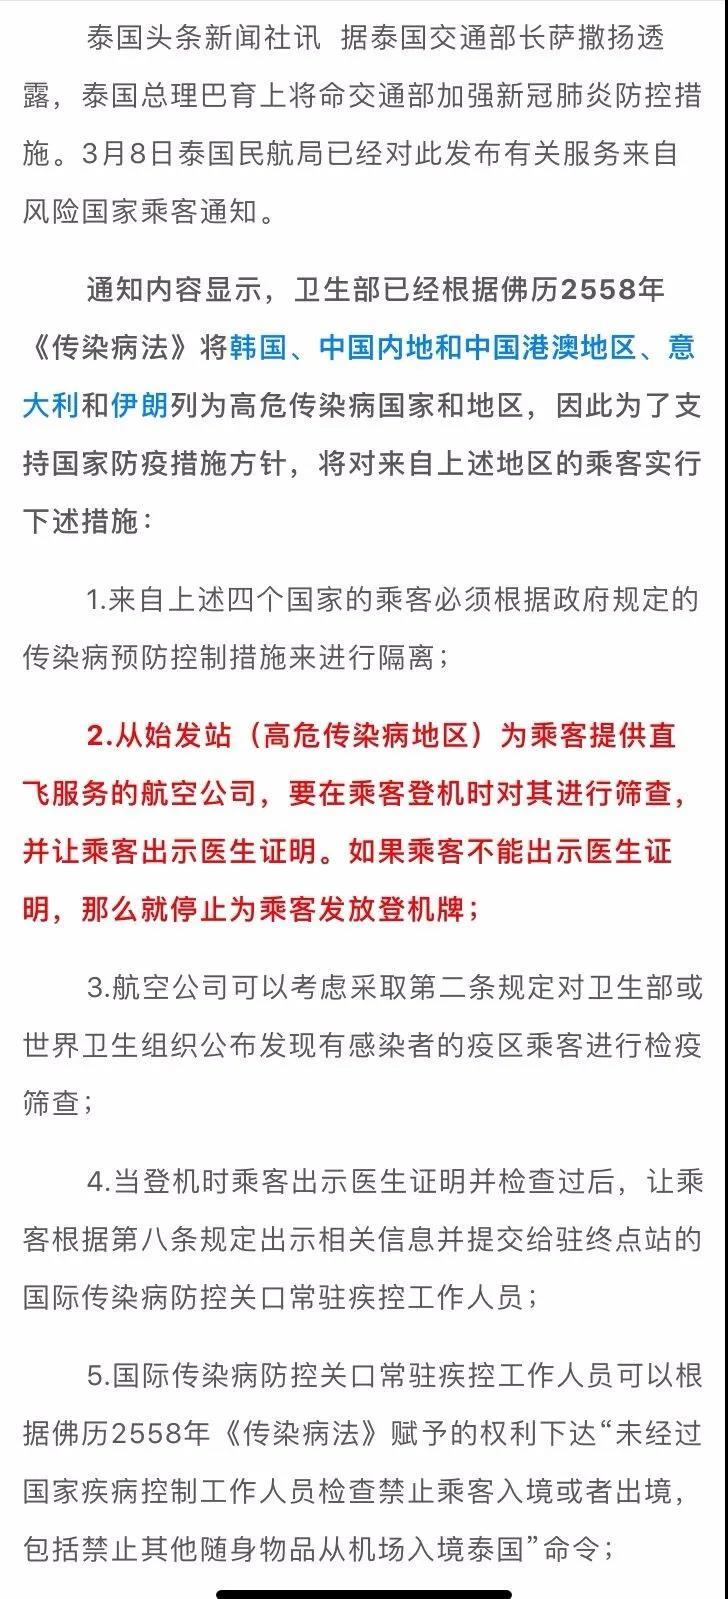 泰国终于出招:中国飞泰国须出示医生证明否则禁飞!